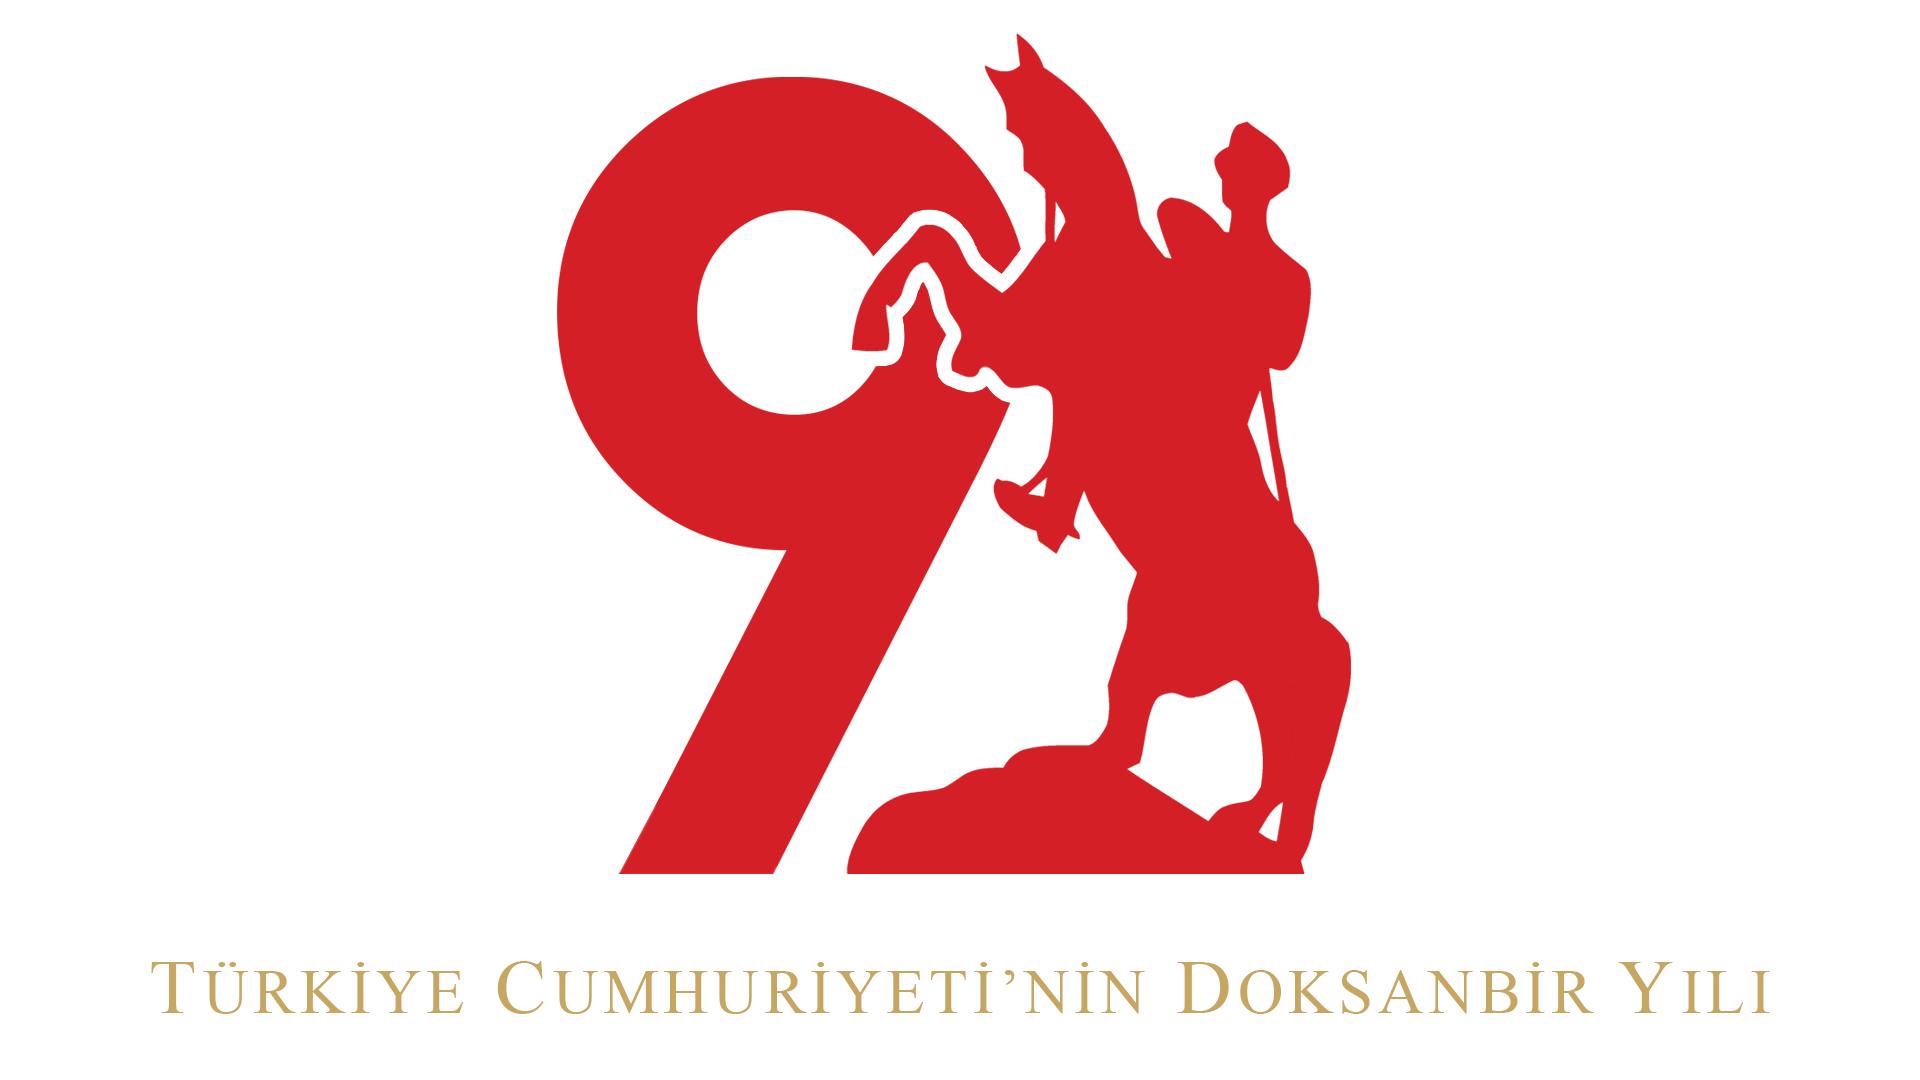 Cumhuriyet'in 91. yili